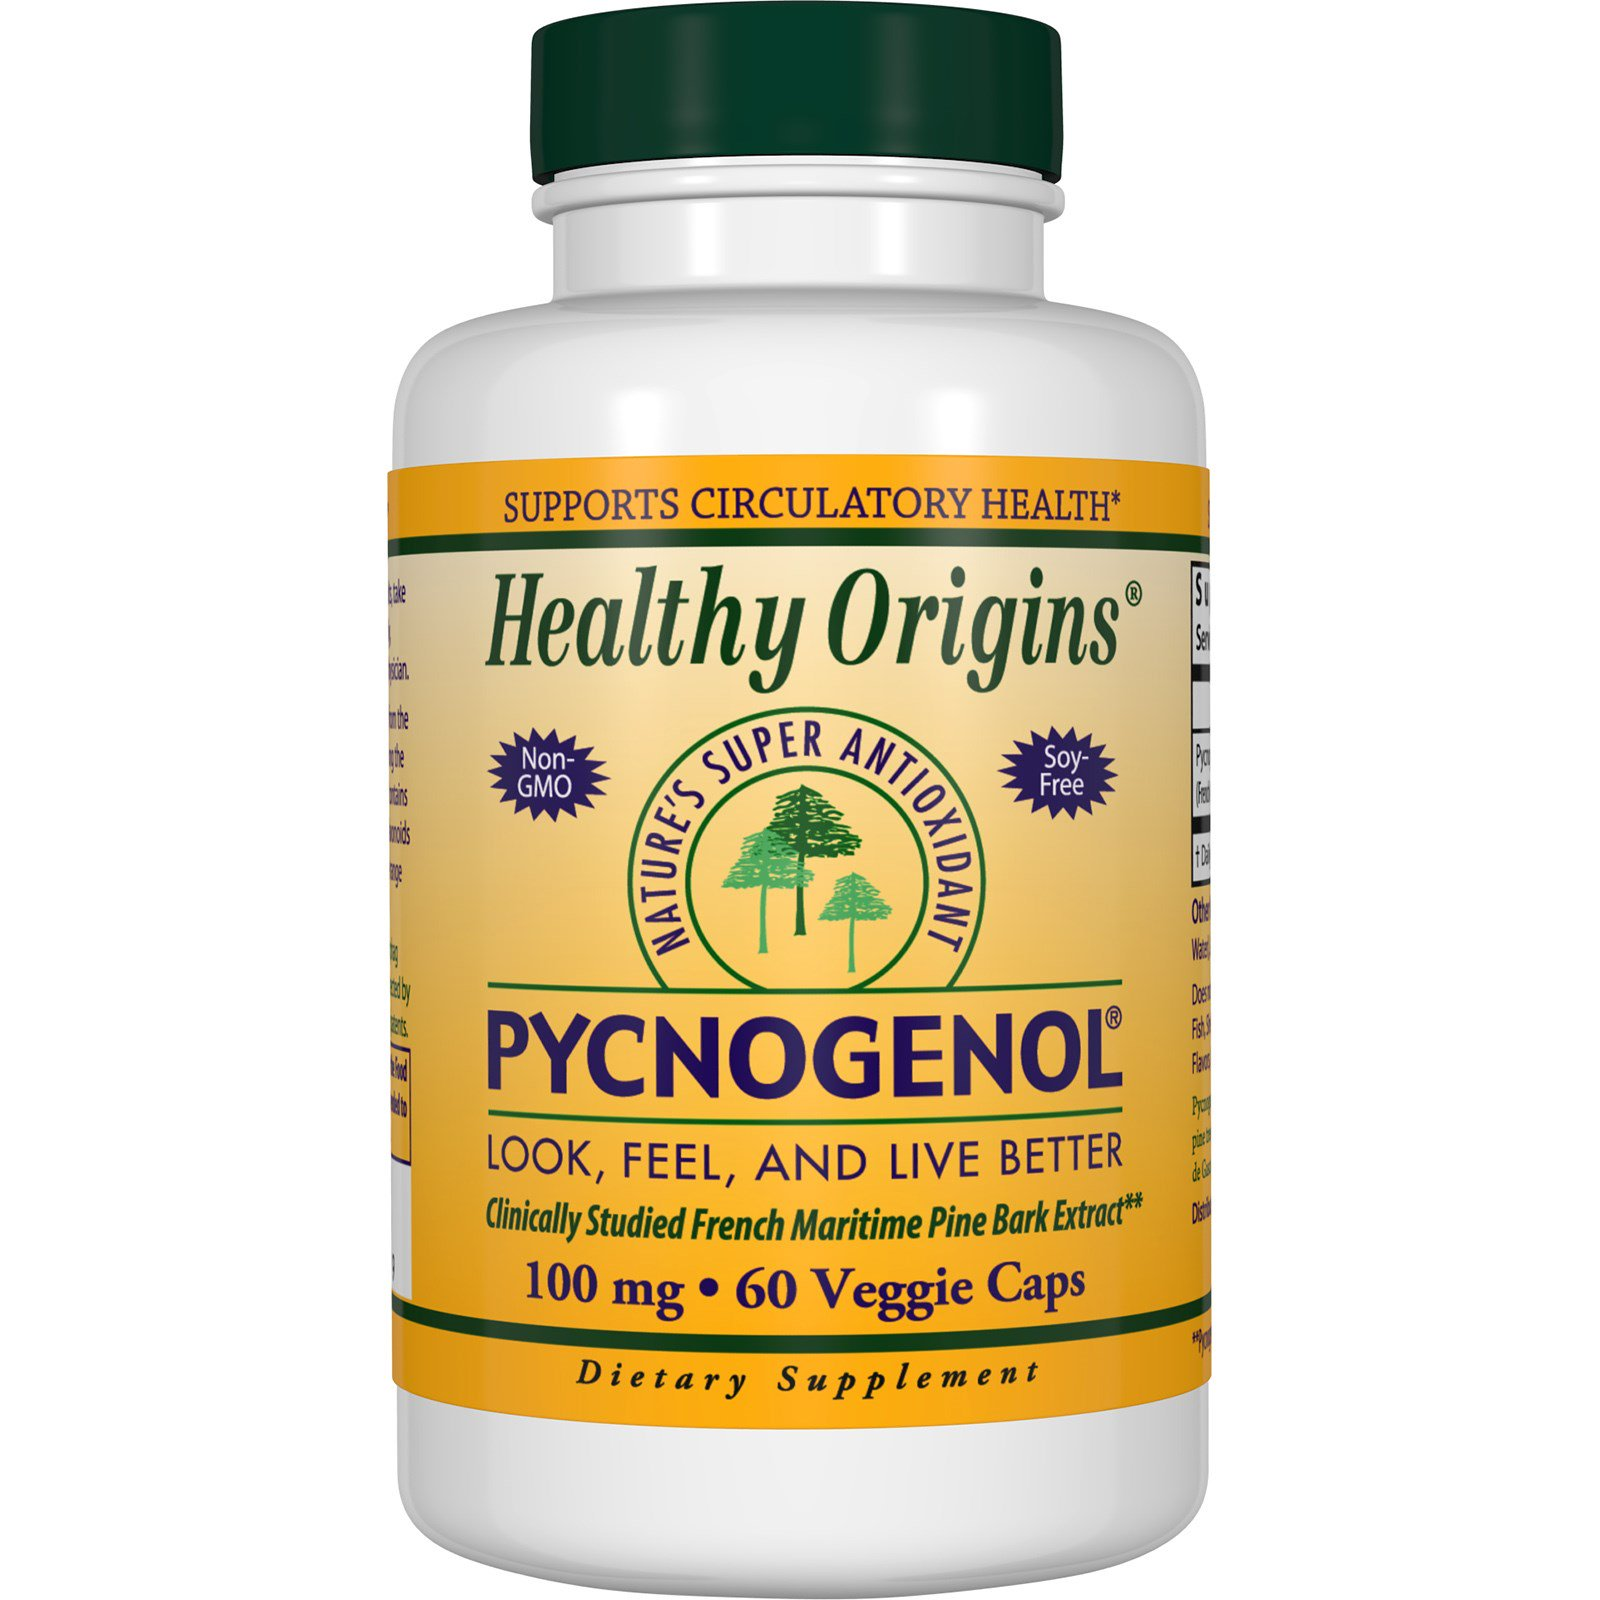 Pignogenol